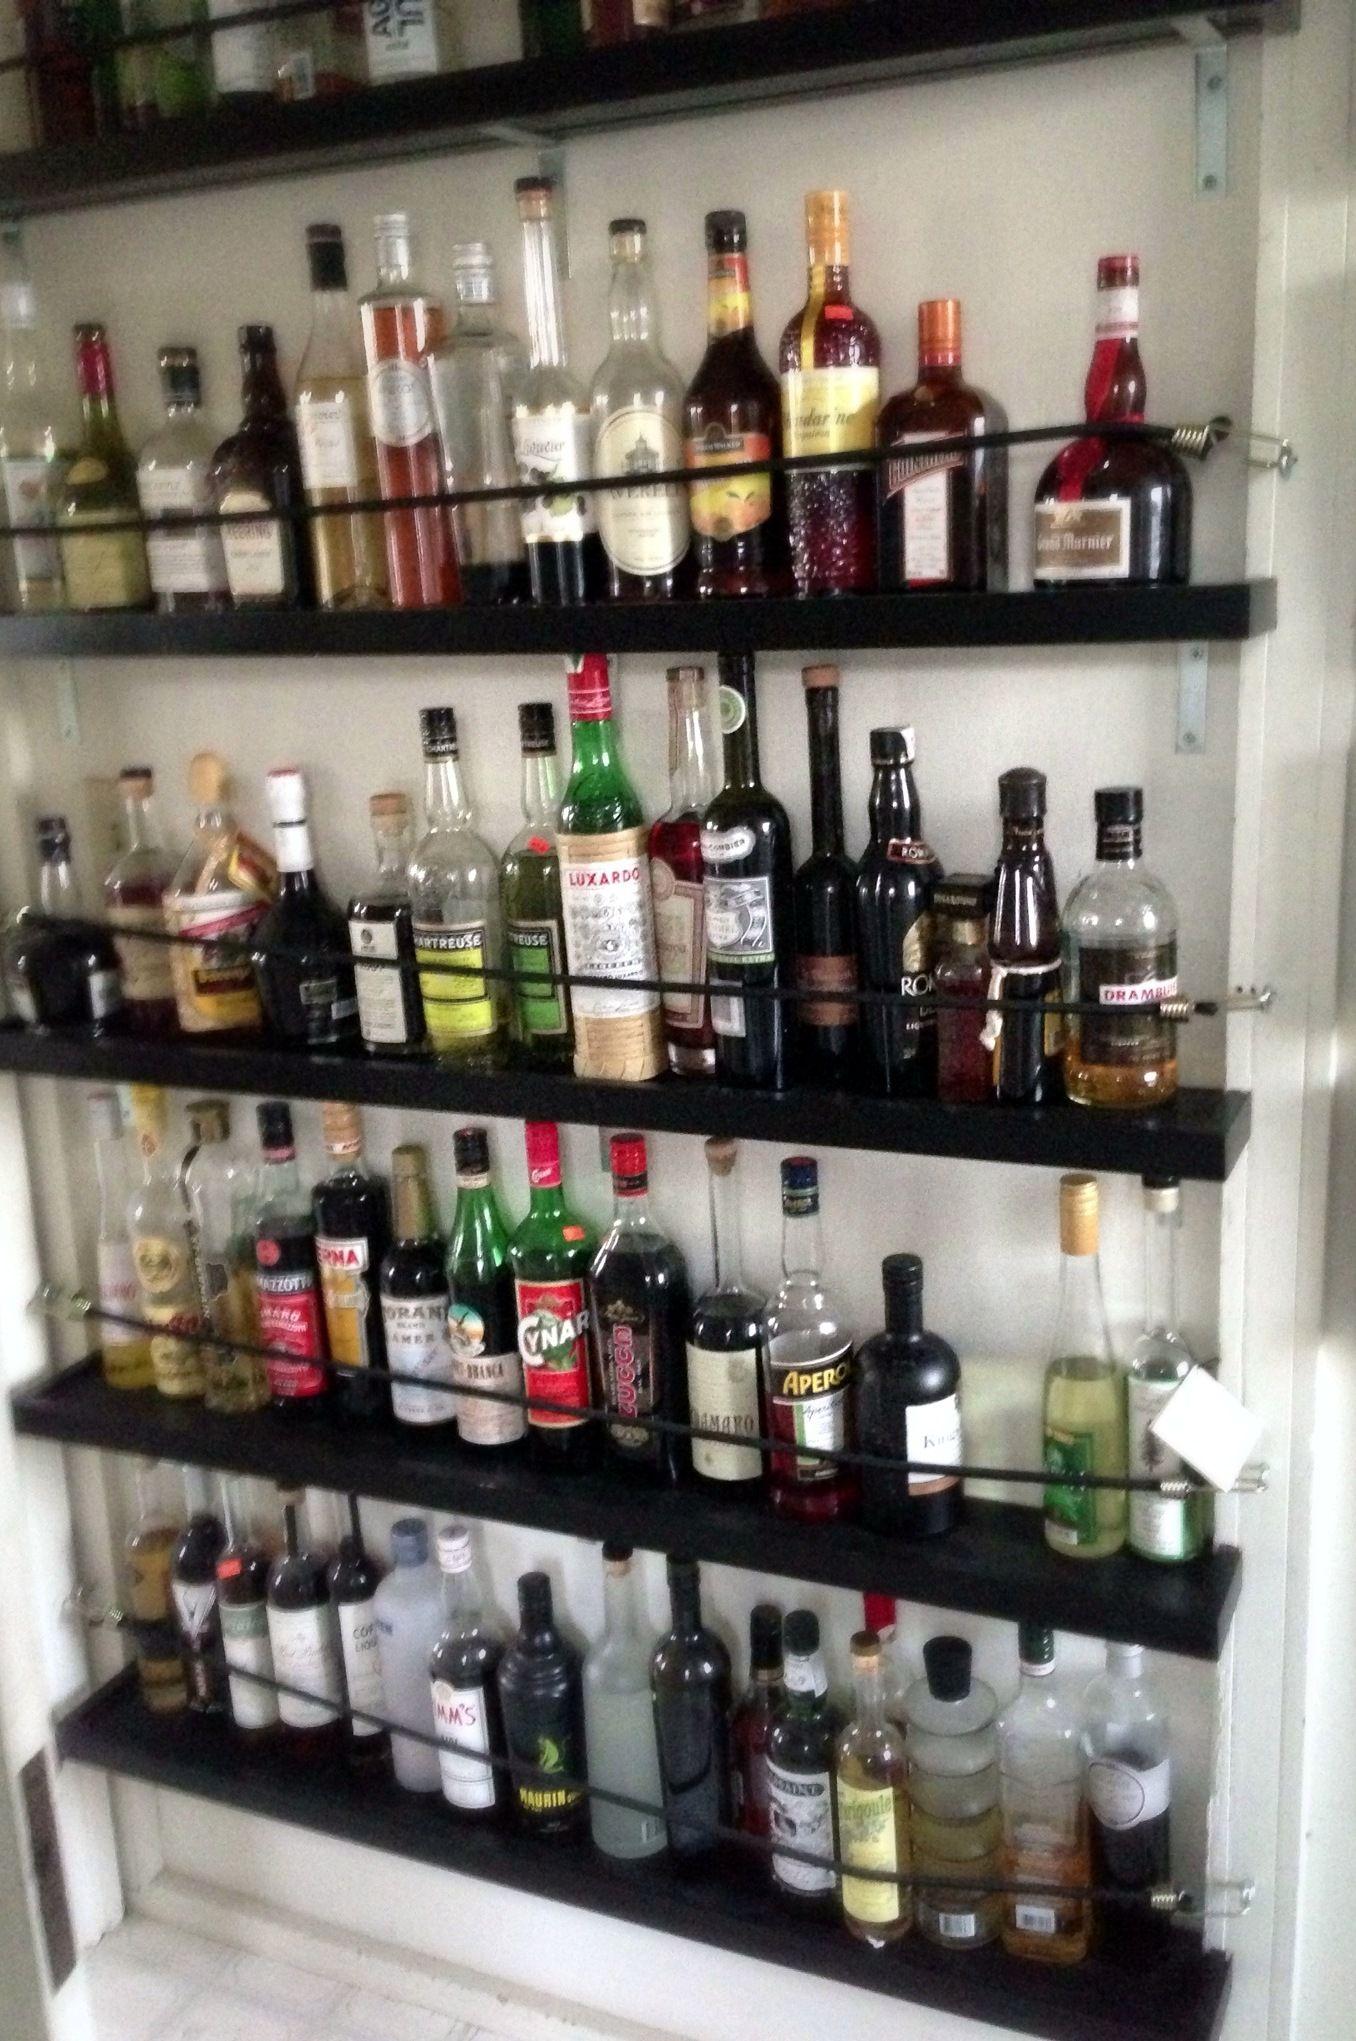 Shelving For Liquor Bottles Or How I Got My Drinking Problem